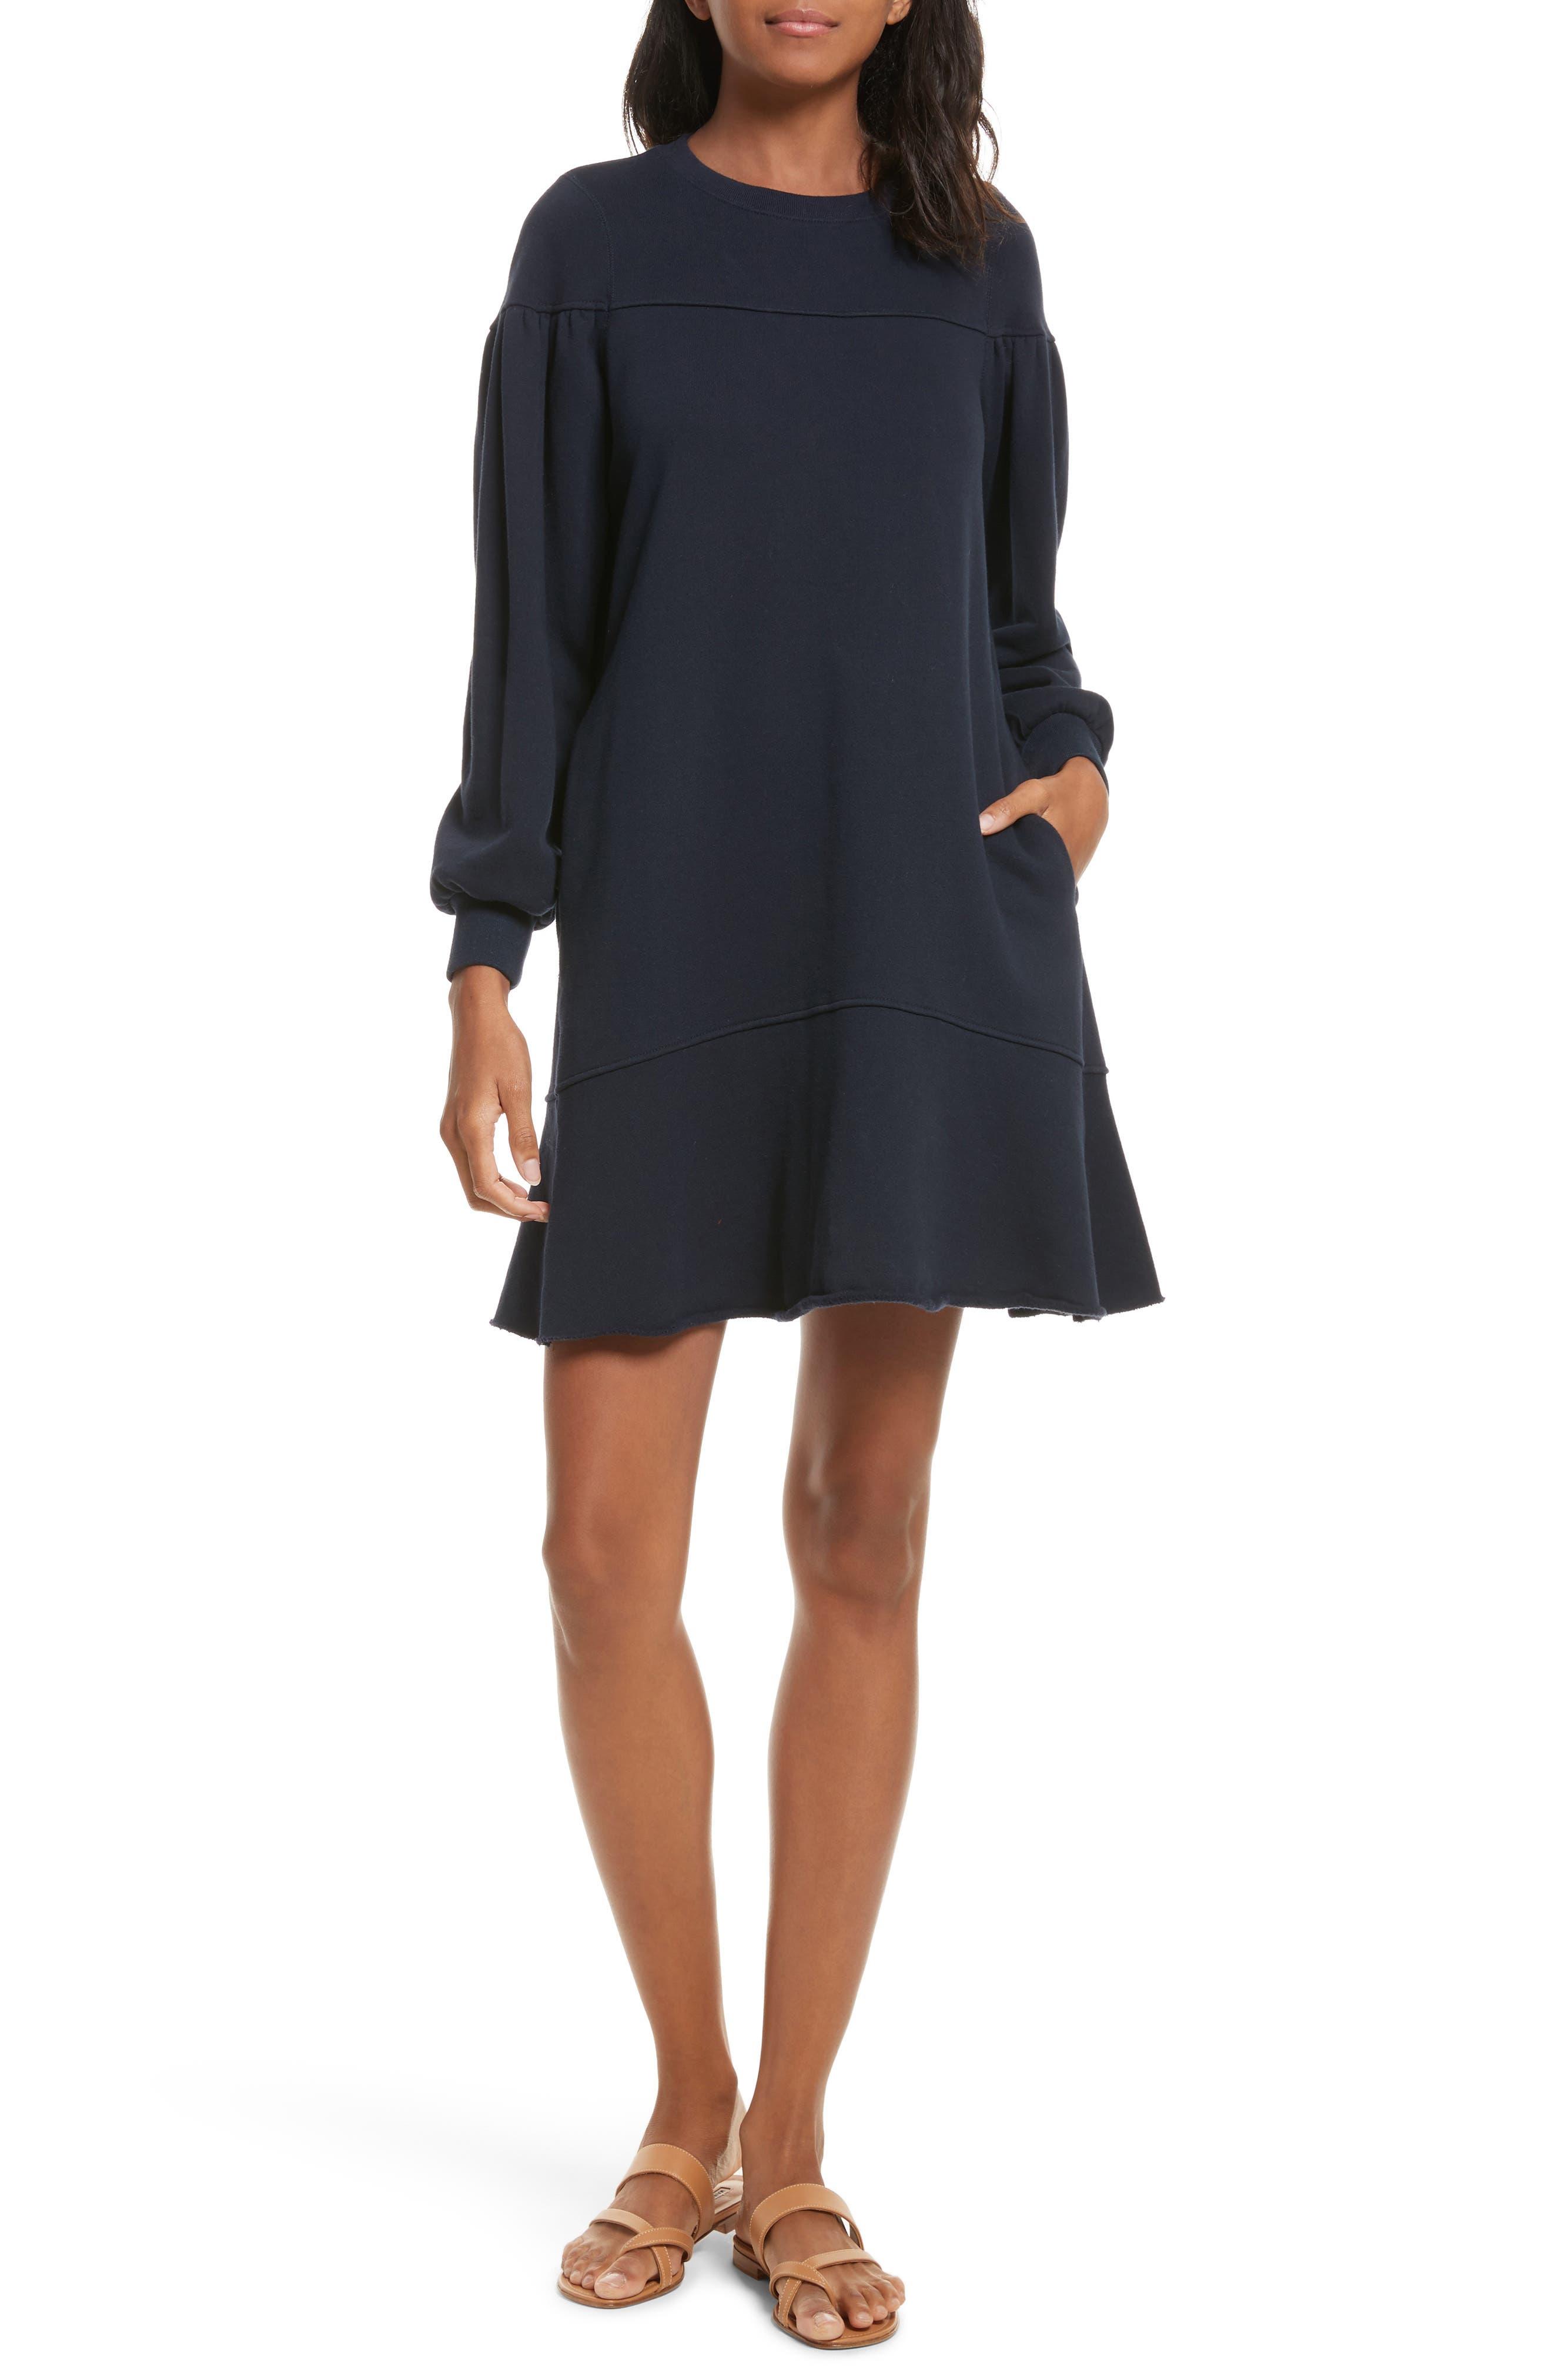 Alternate Image 1 Selected - La Vie Rebecca Taylor Long Sleeve Fleece Dress